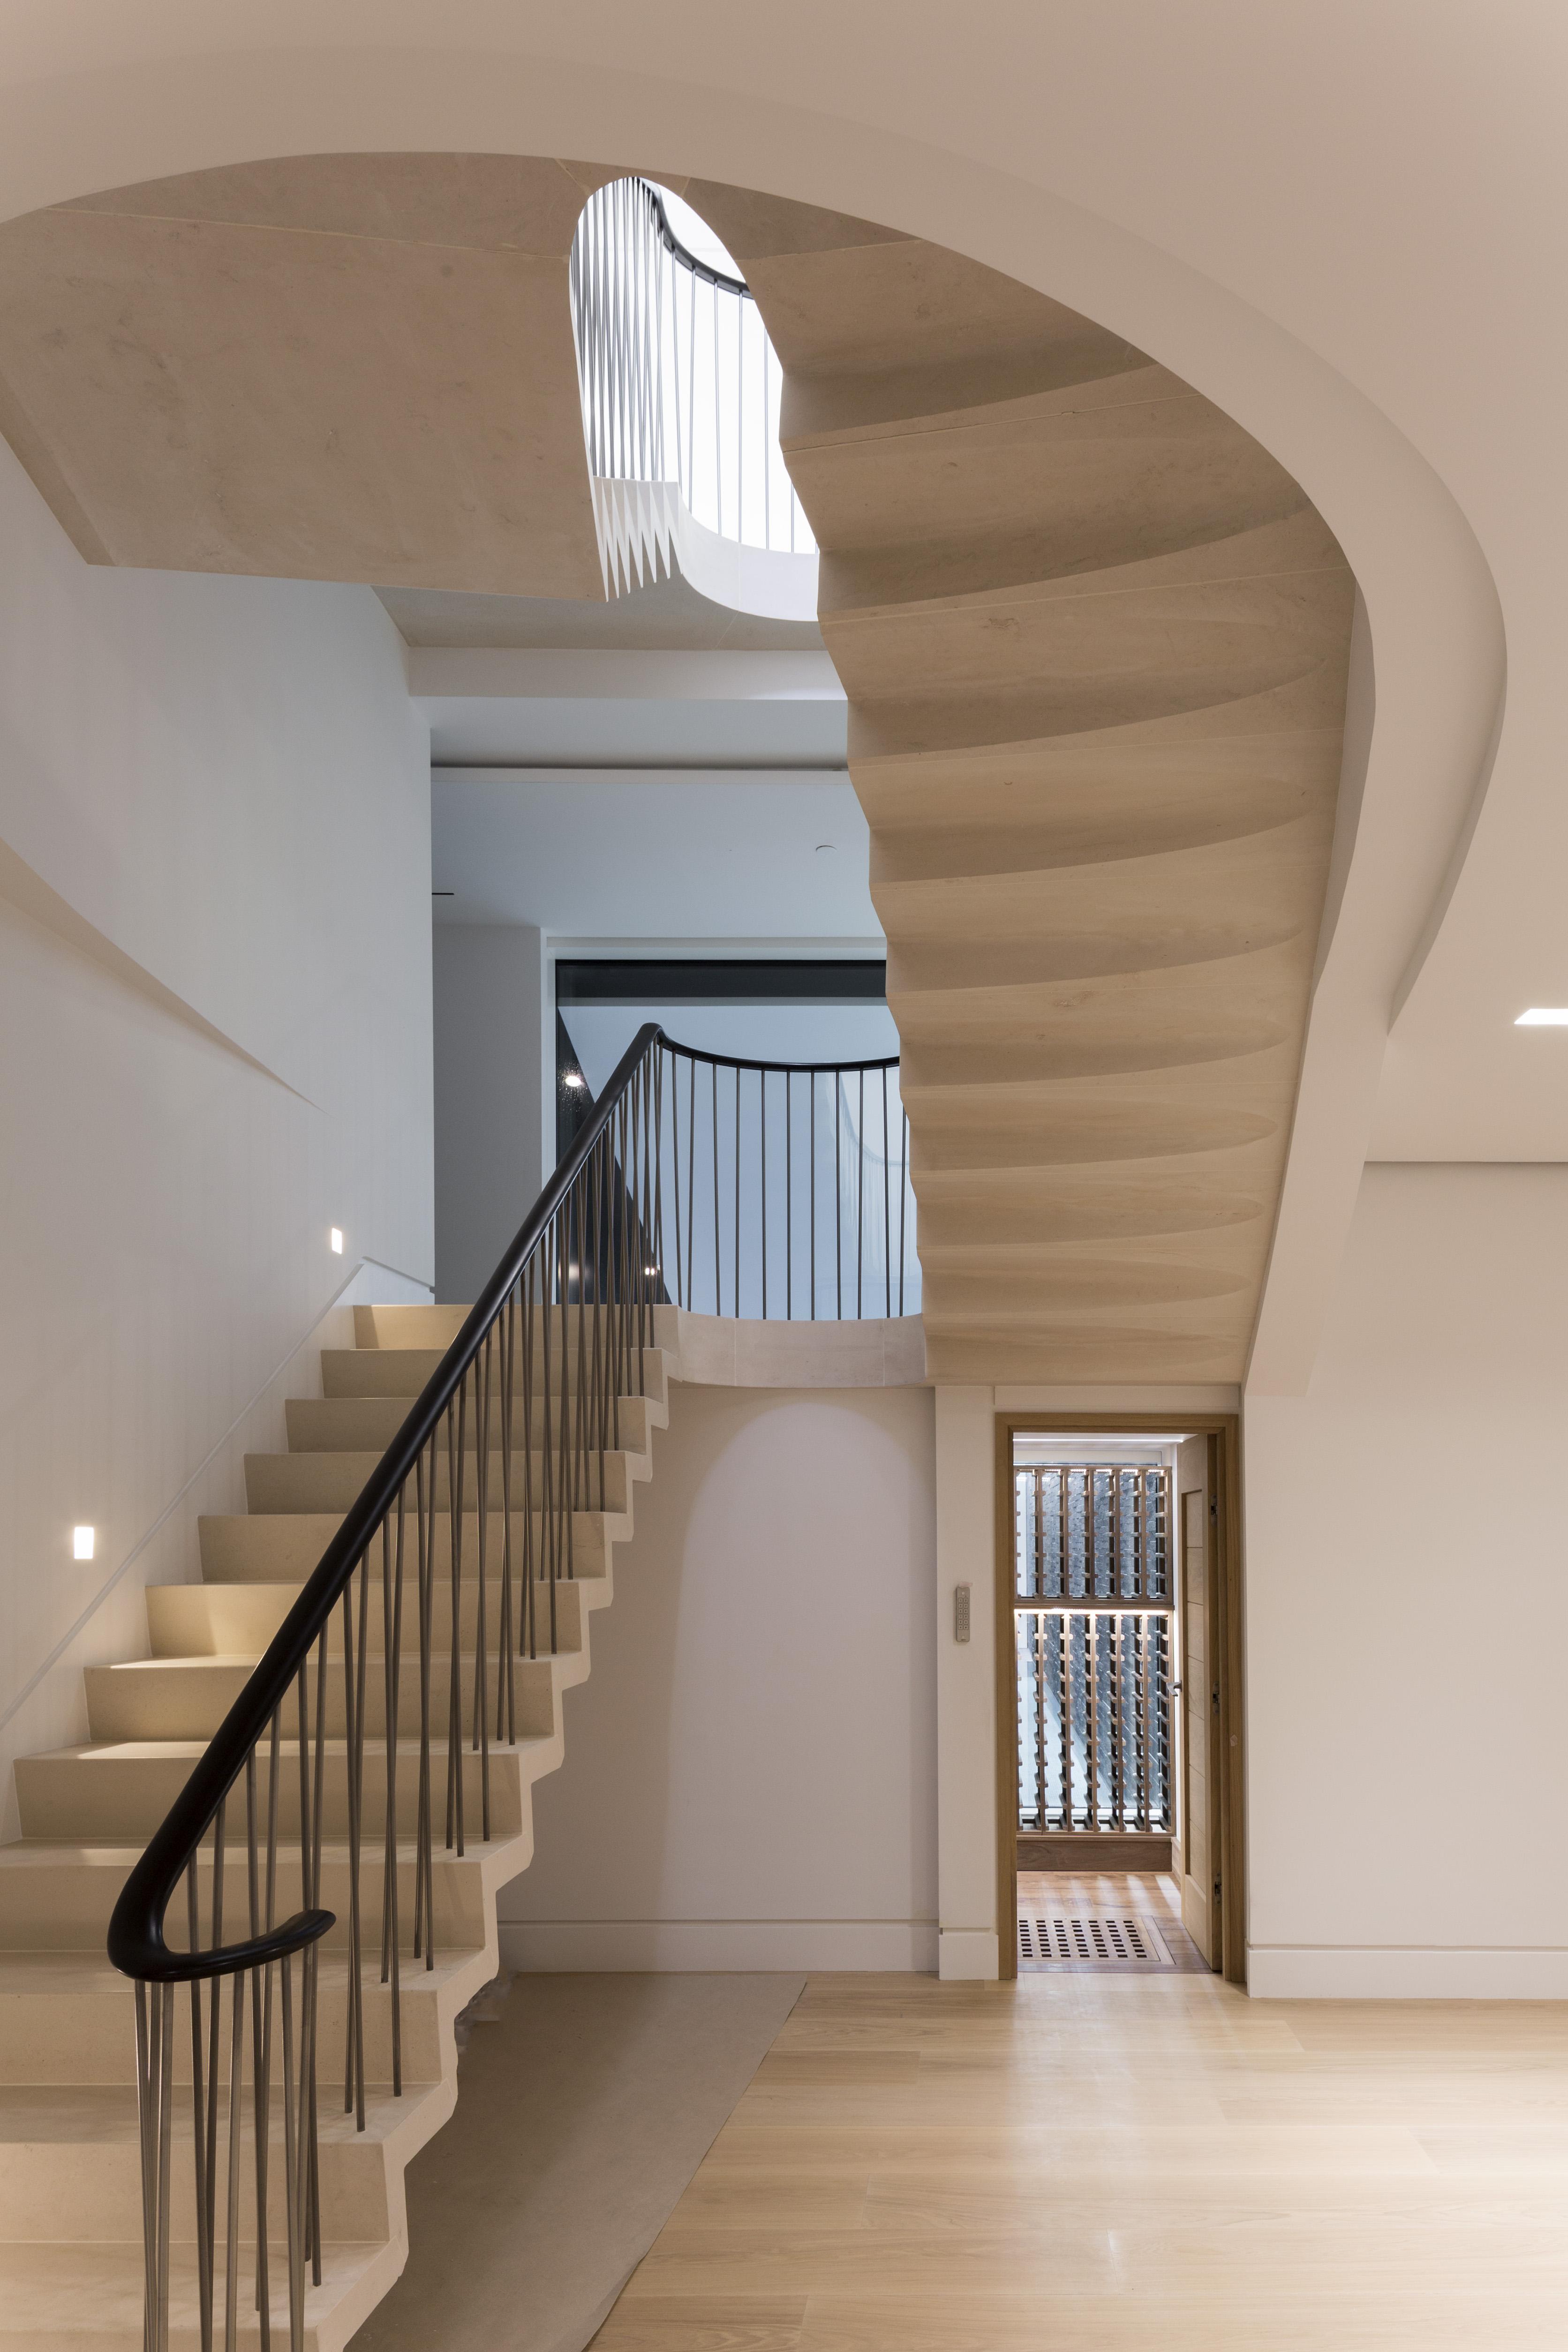 cantilever staircase in moleanos